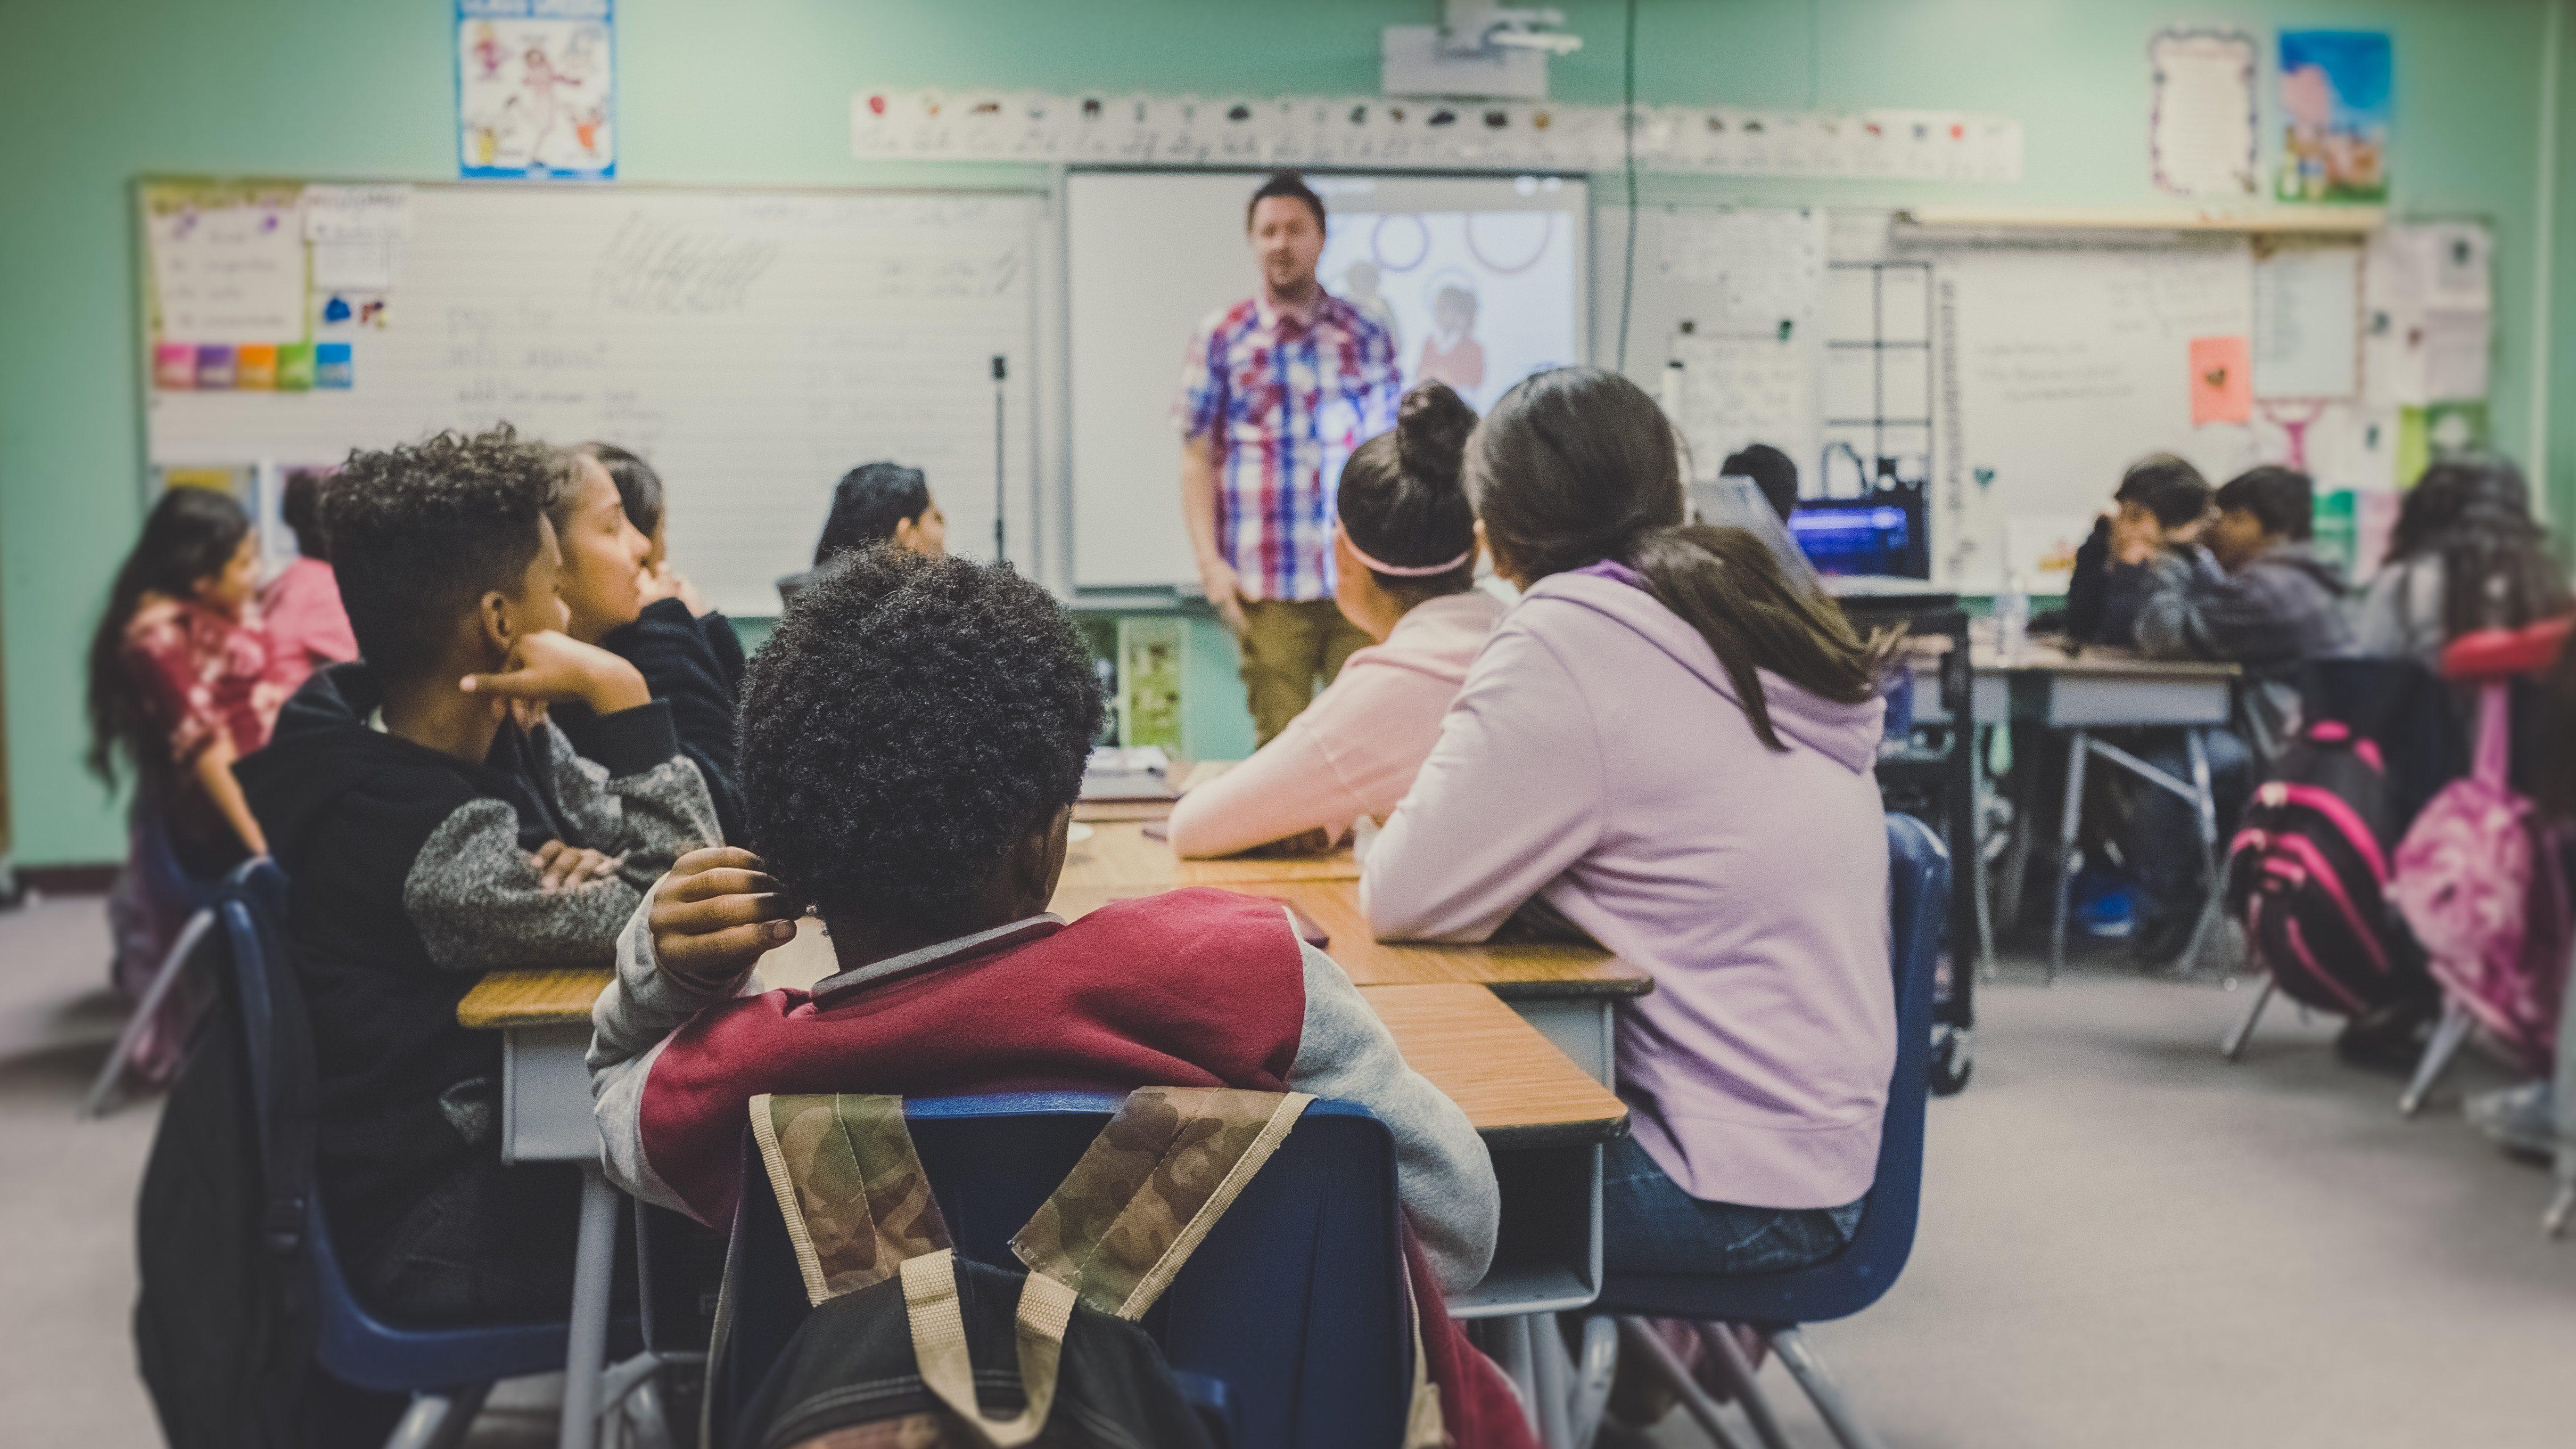 Sexualundervisning kan integreras i många skolämnen